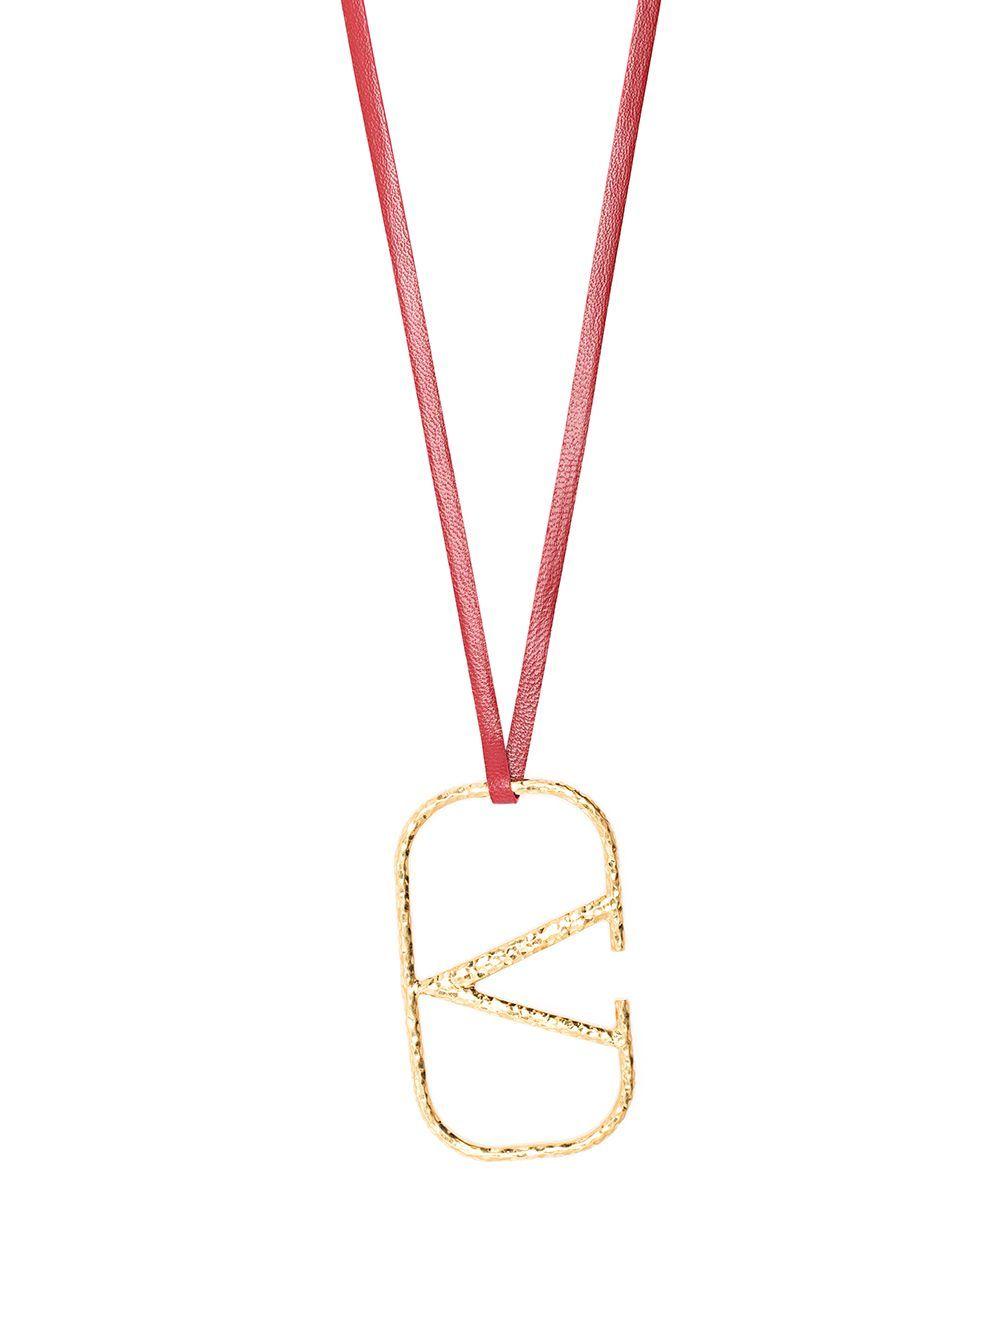 Vlogo necklace